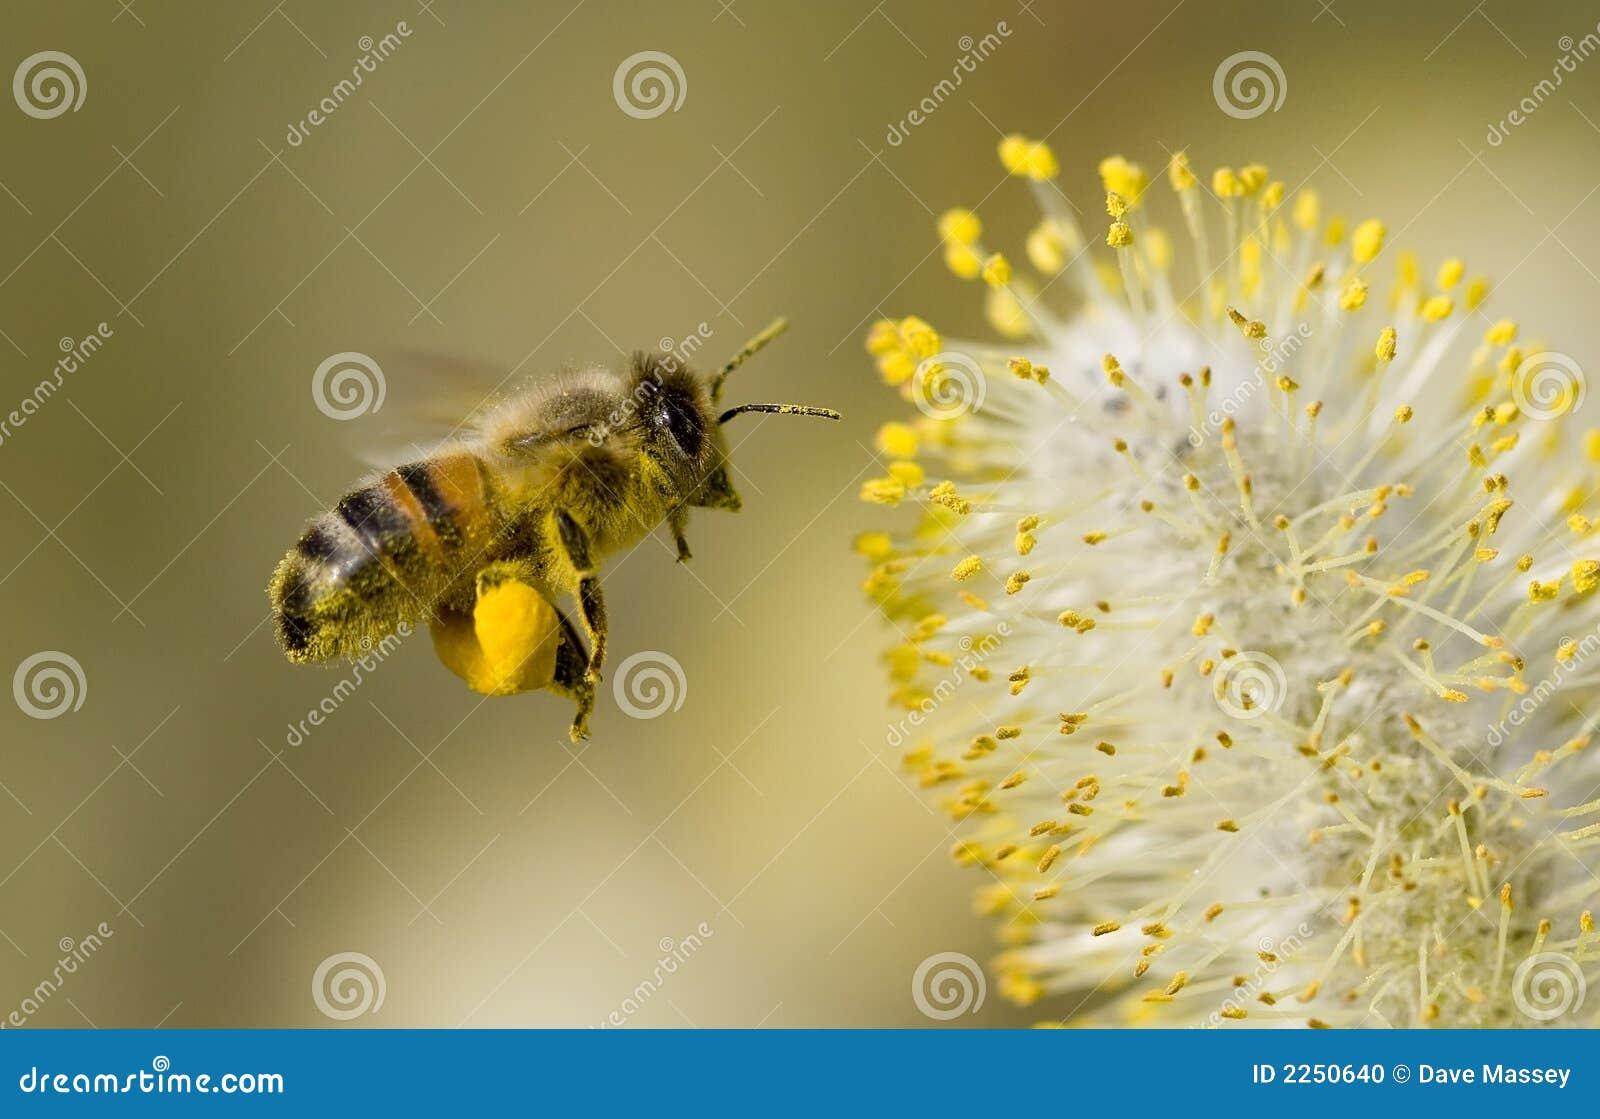 Abeille rassemblant le pollen